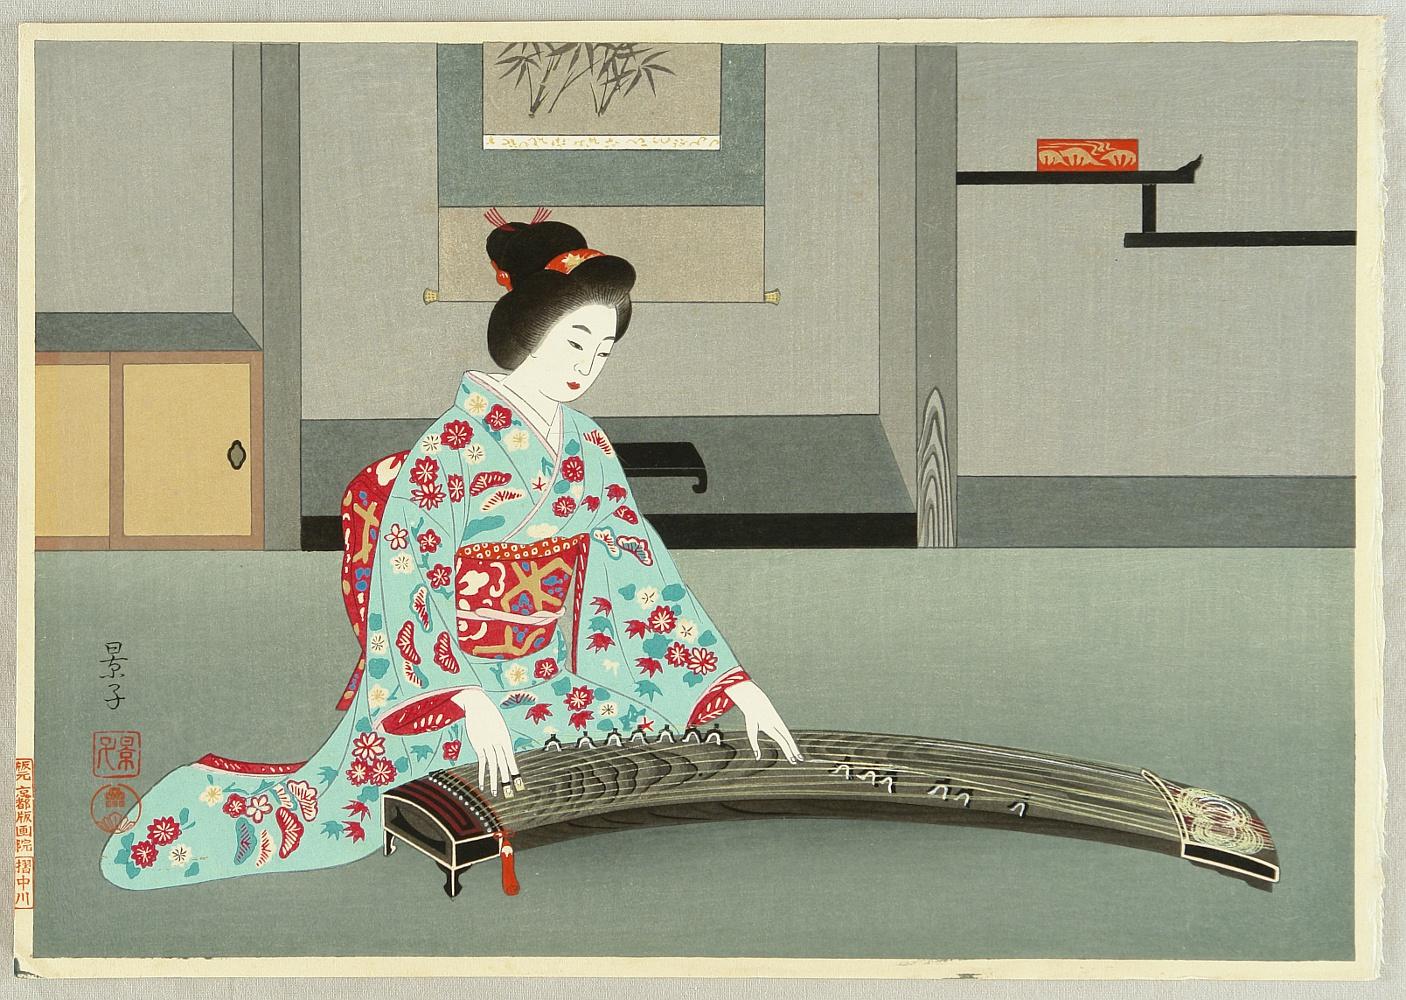 Đôi nét về nền âm nhạc truyền thống Nhật Bản